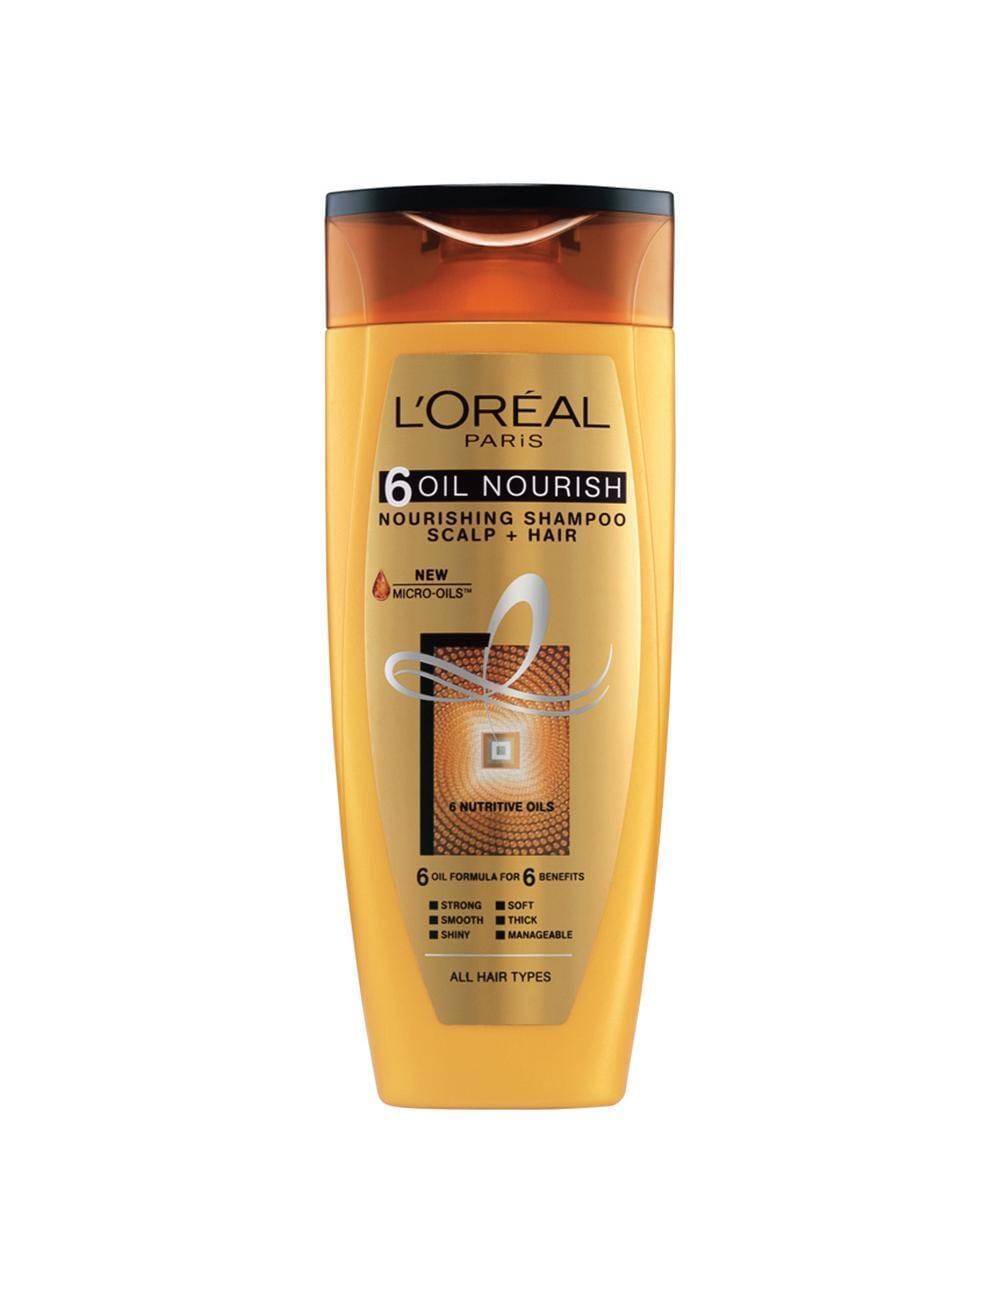 LOréal Paris 6 Oil Nourish Shampoo - 175ml